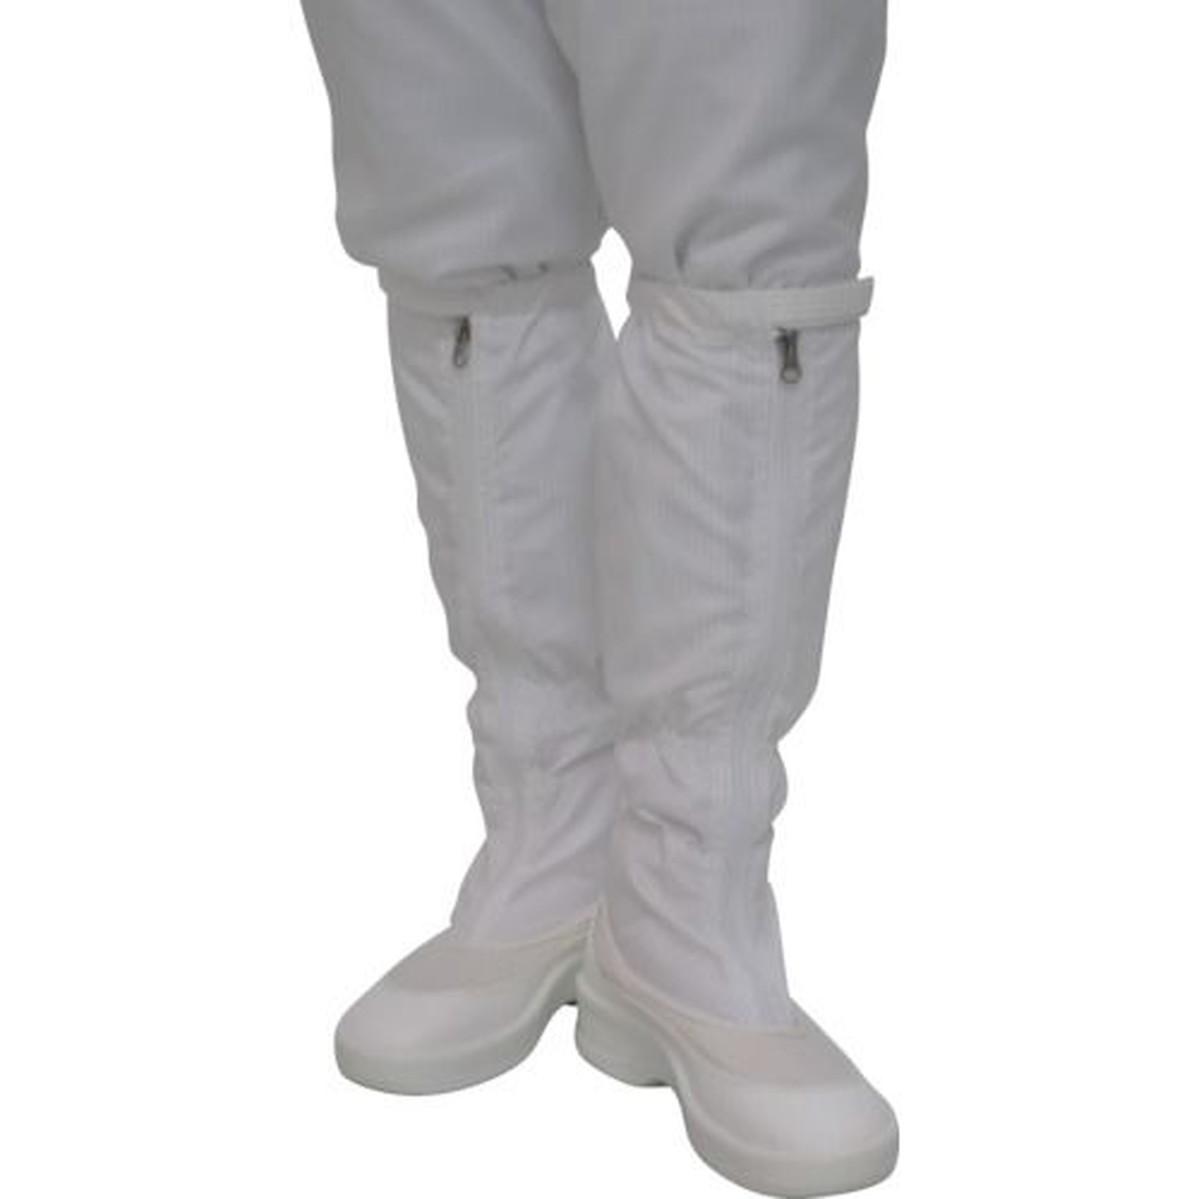 あす楽対応 DIY用品 ゴールドウイン ファスナー付ロングブーツ 超特価SALE開催 25.5cm メーカー公式ショップ 1足 ホワイト